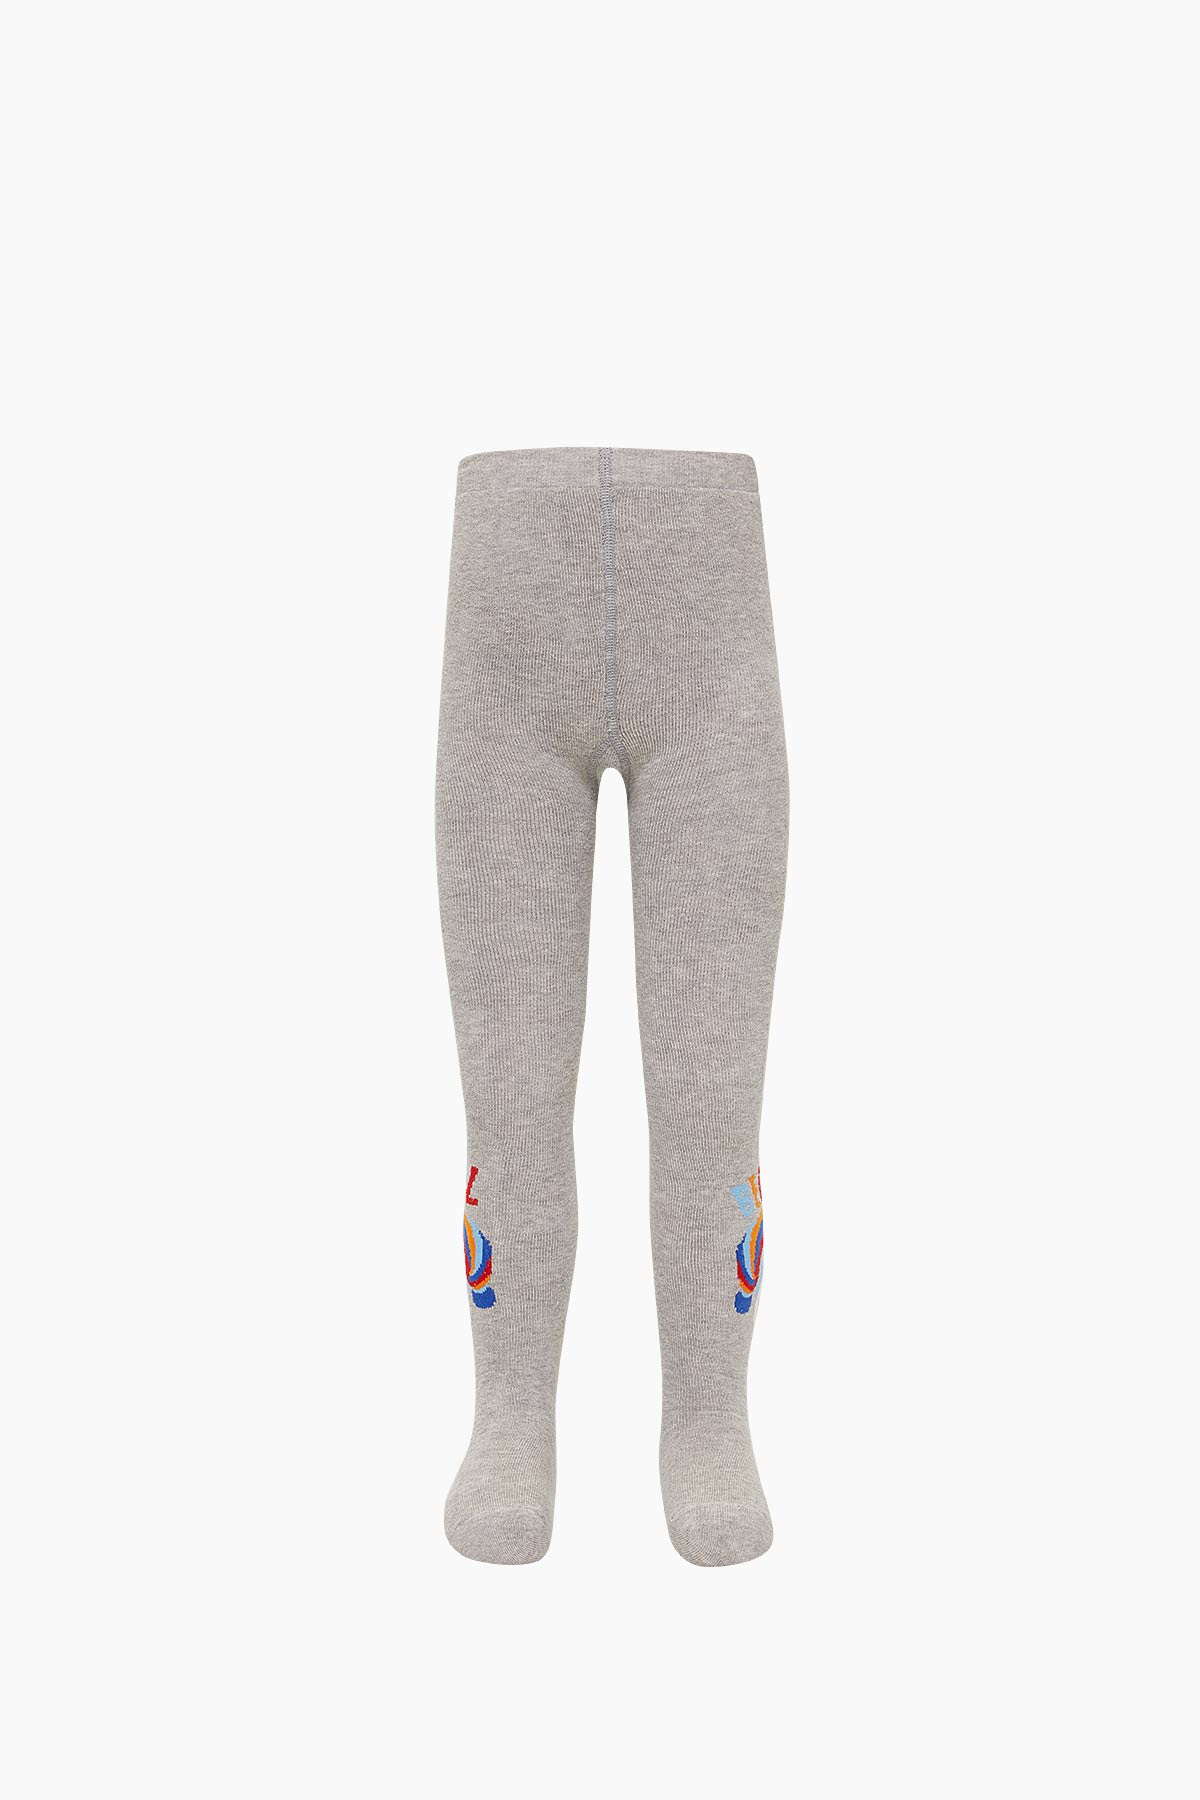 Bross Kuru Kafa Desenli Havlu Külotlu Çocuk Çorabı